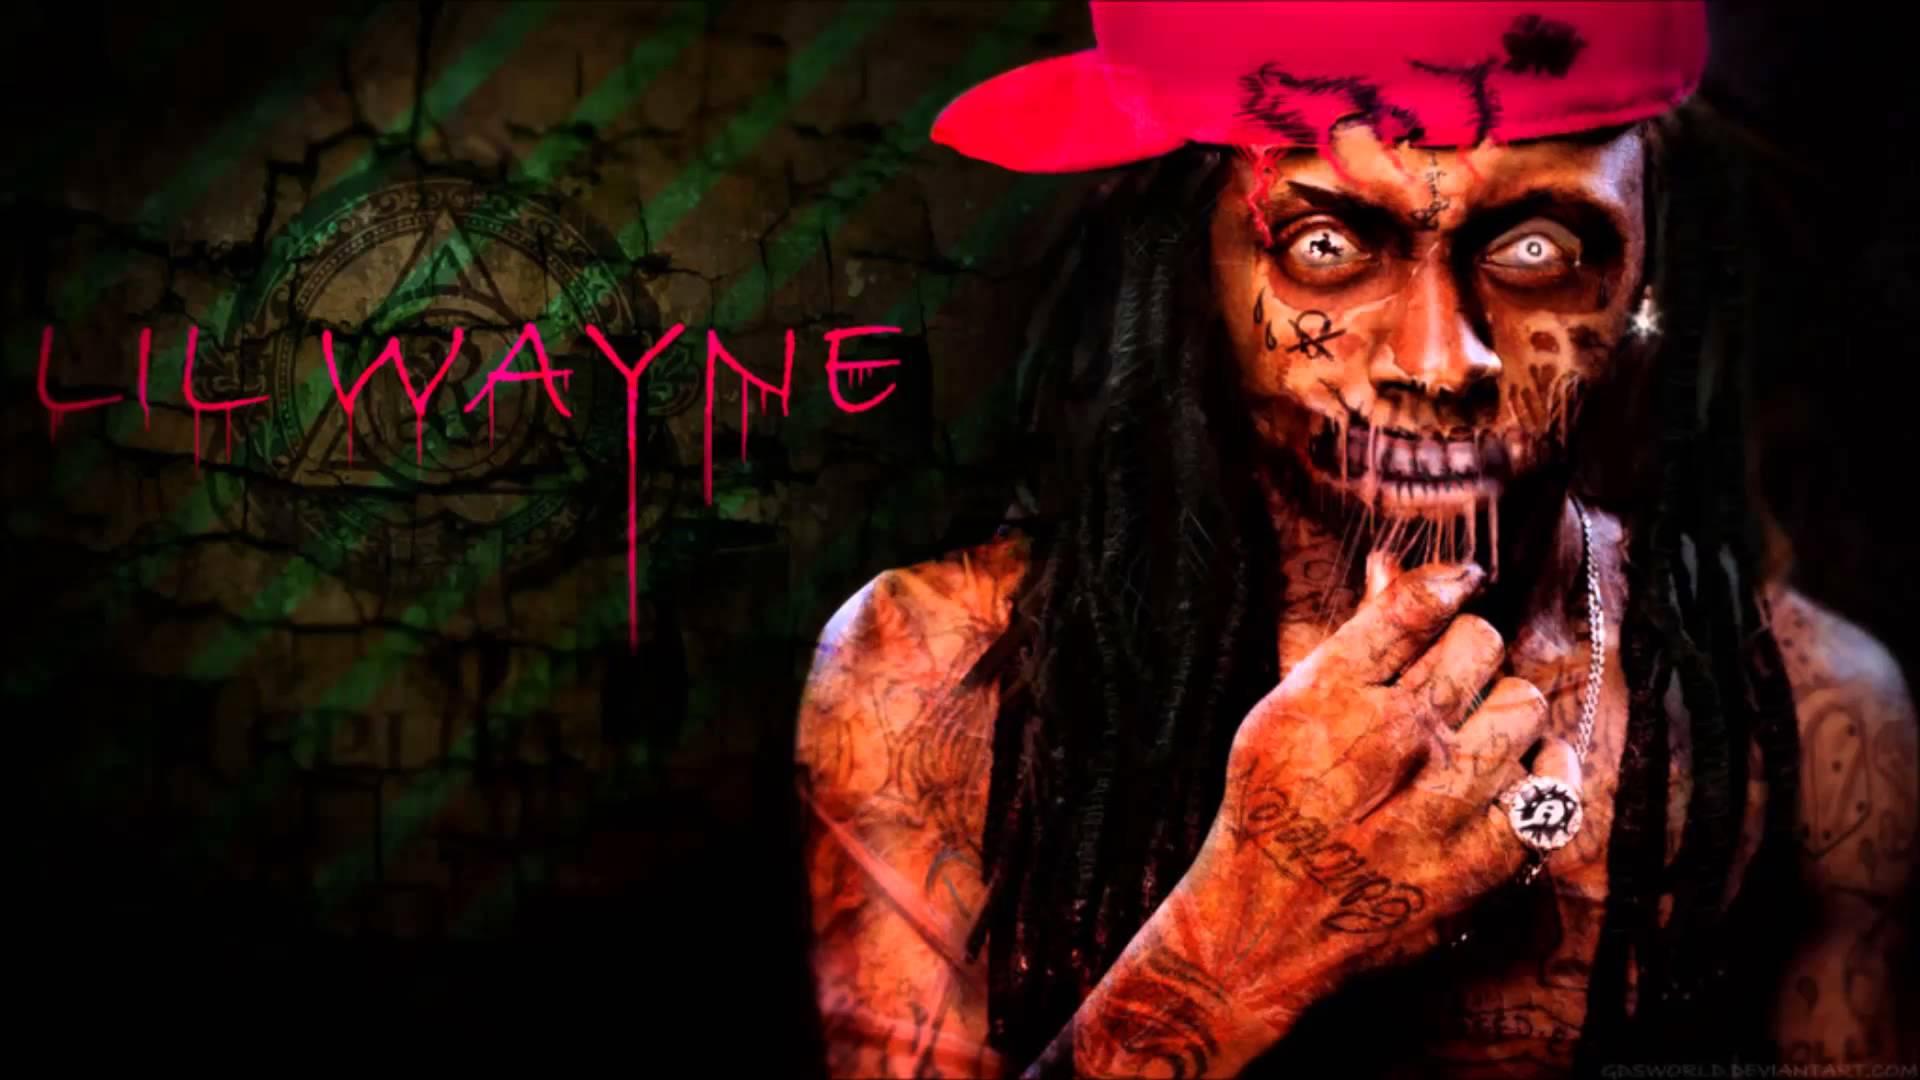 Bulldog Beats - Lil Wayne Beat